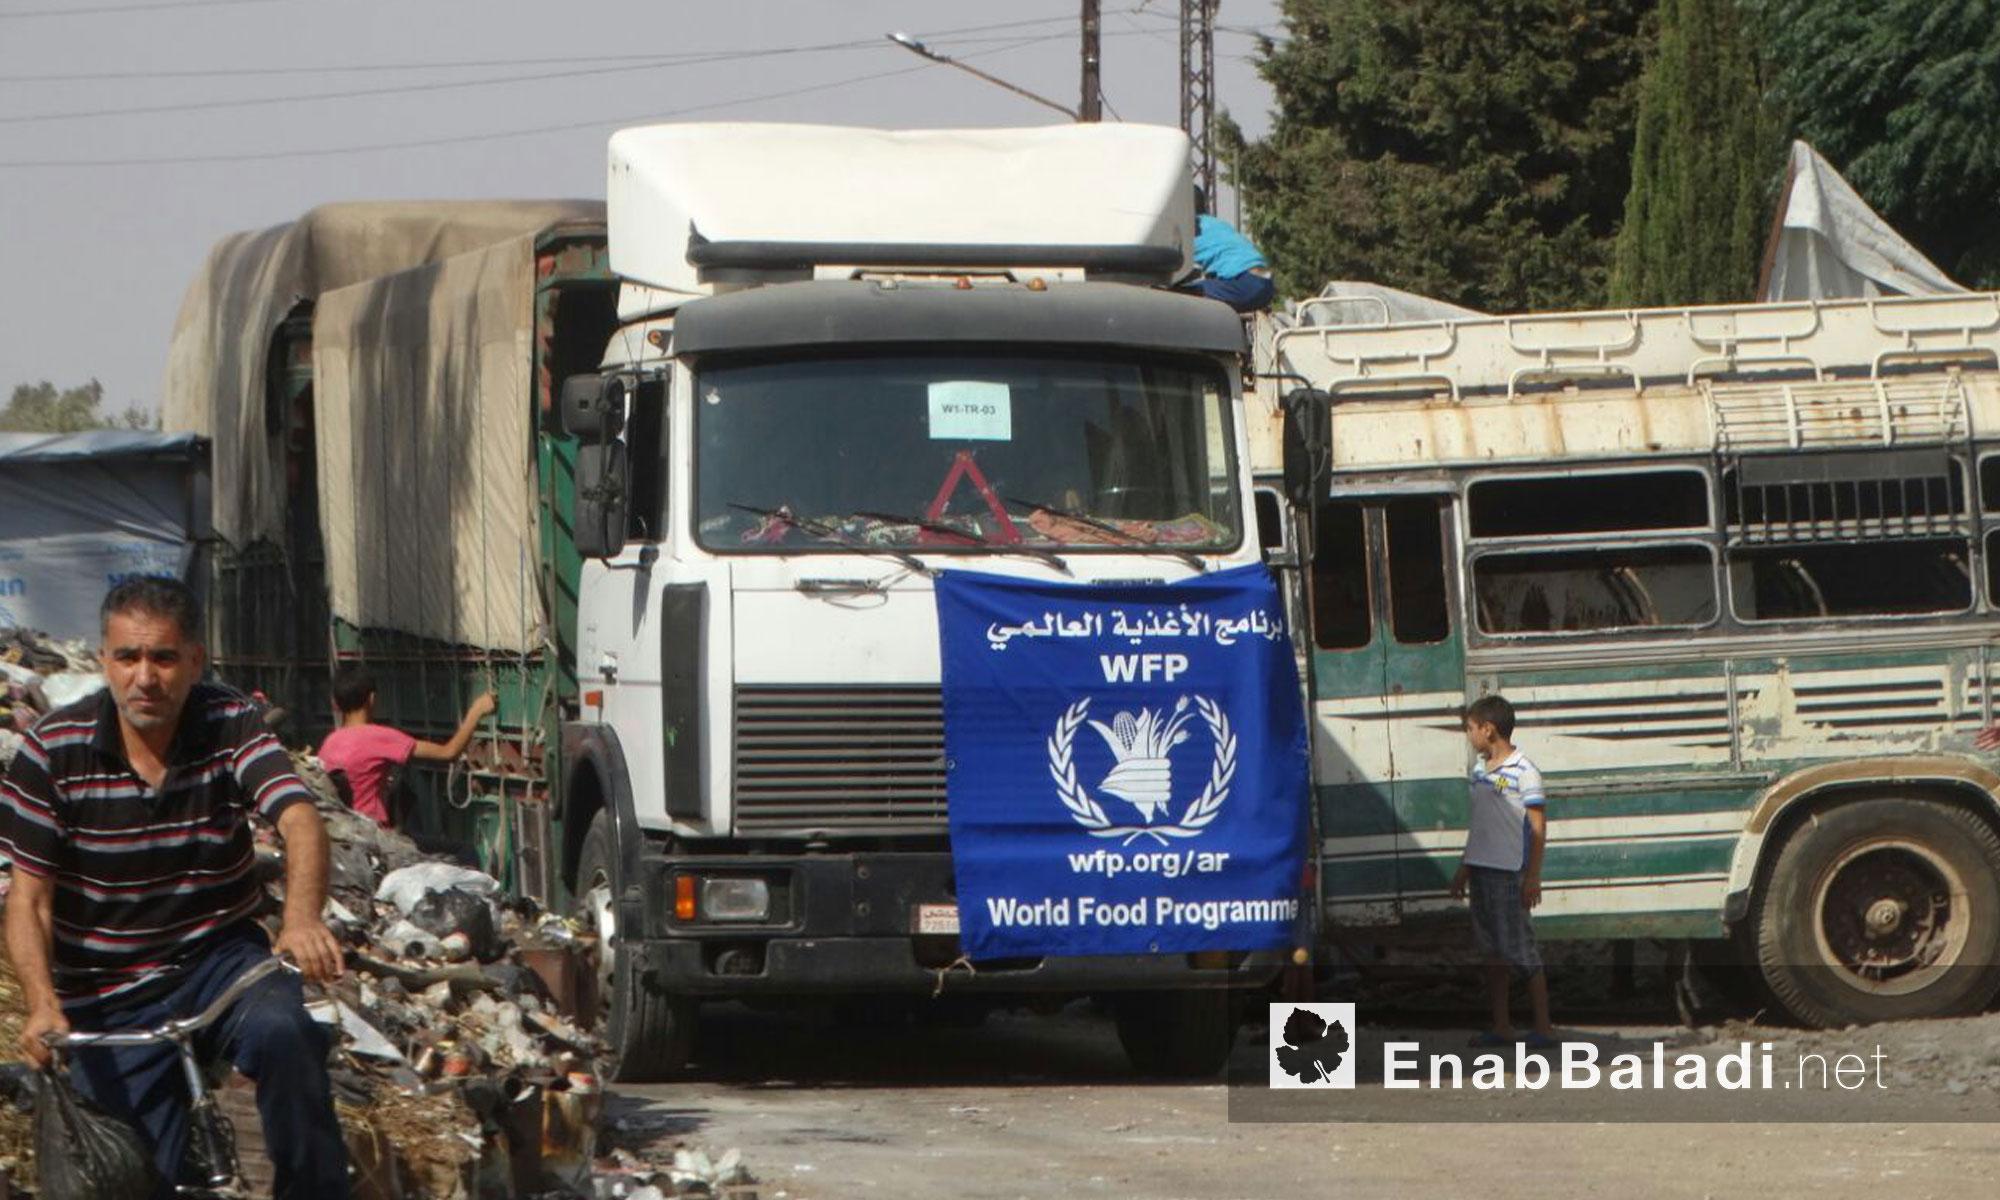 شاحنات قافلة المساعدات الإنسانية داخل حي الوعر المحاصر - الخميس 25 آب (عنب بلدي)